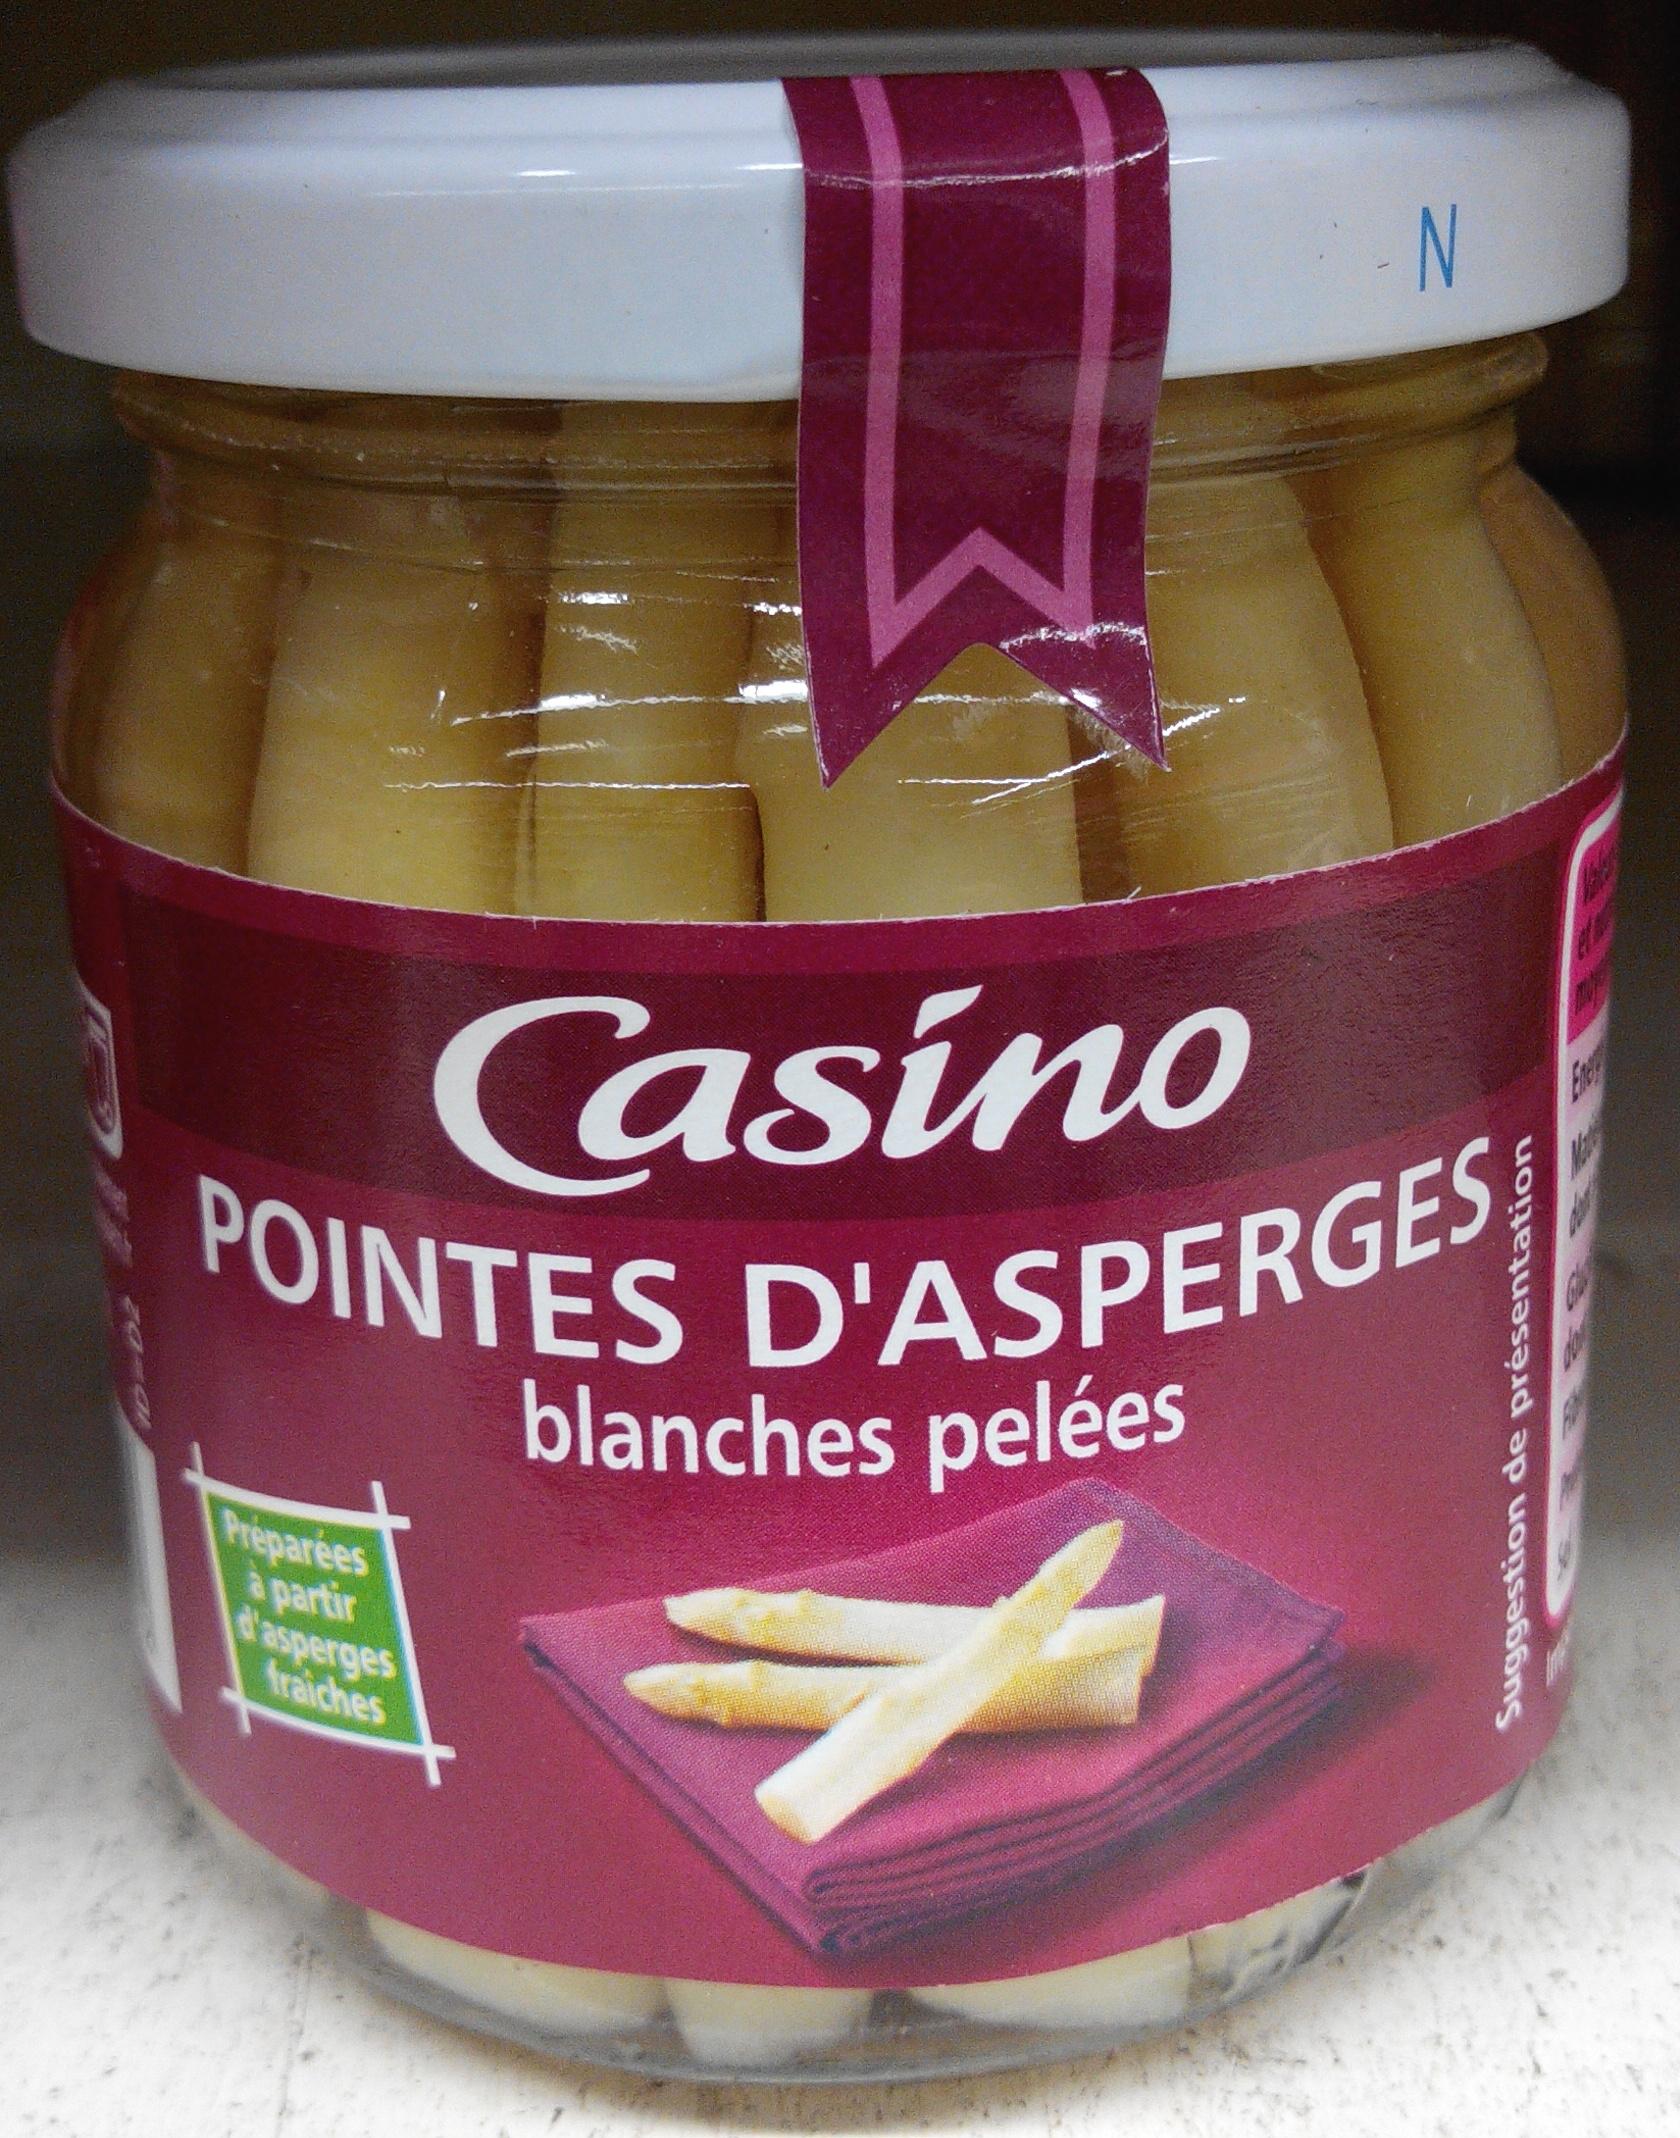 Pointes d'asperges blanches pelées bocal - Produit - fr